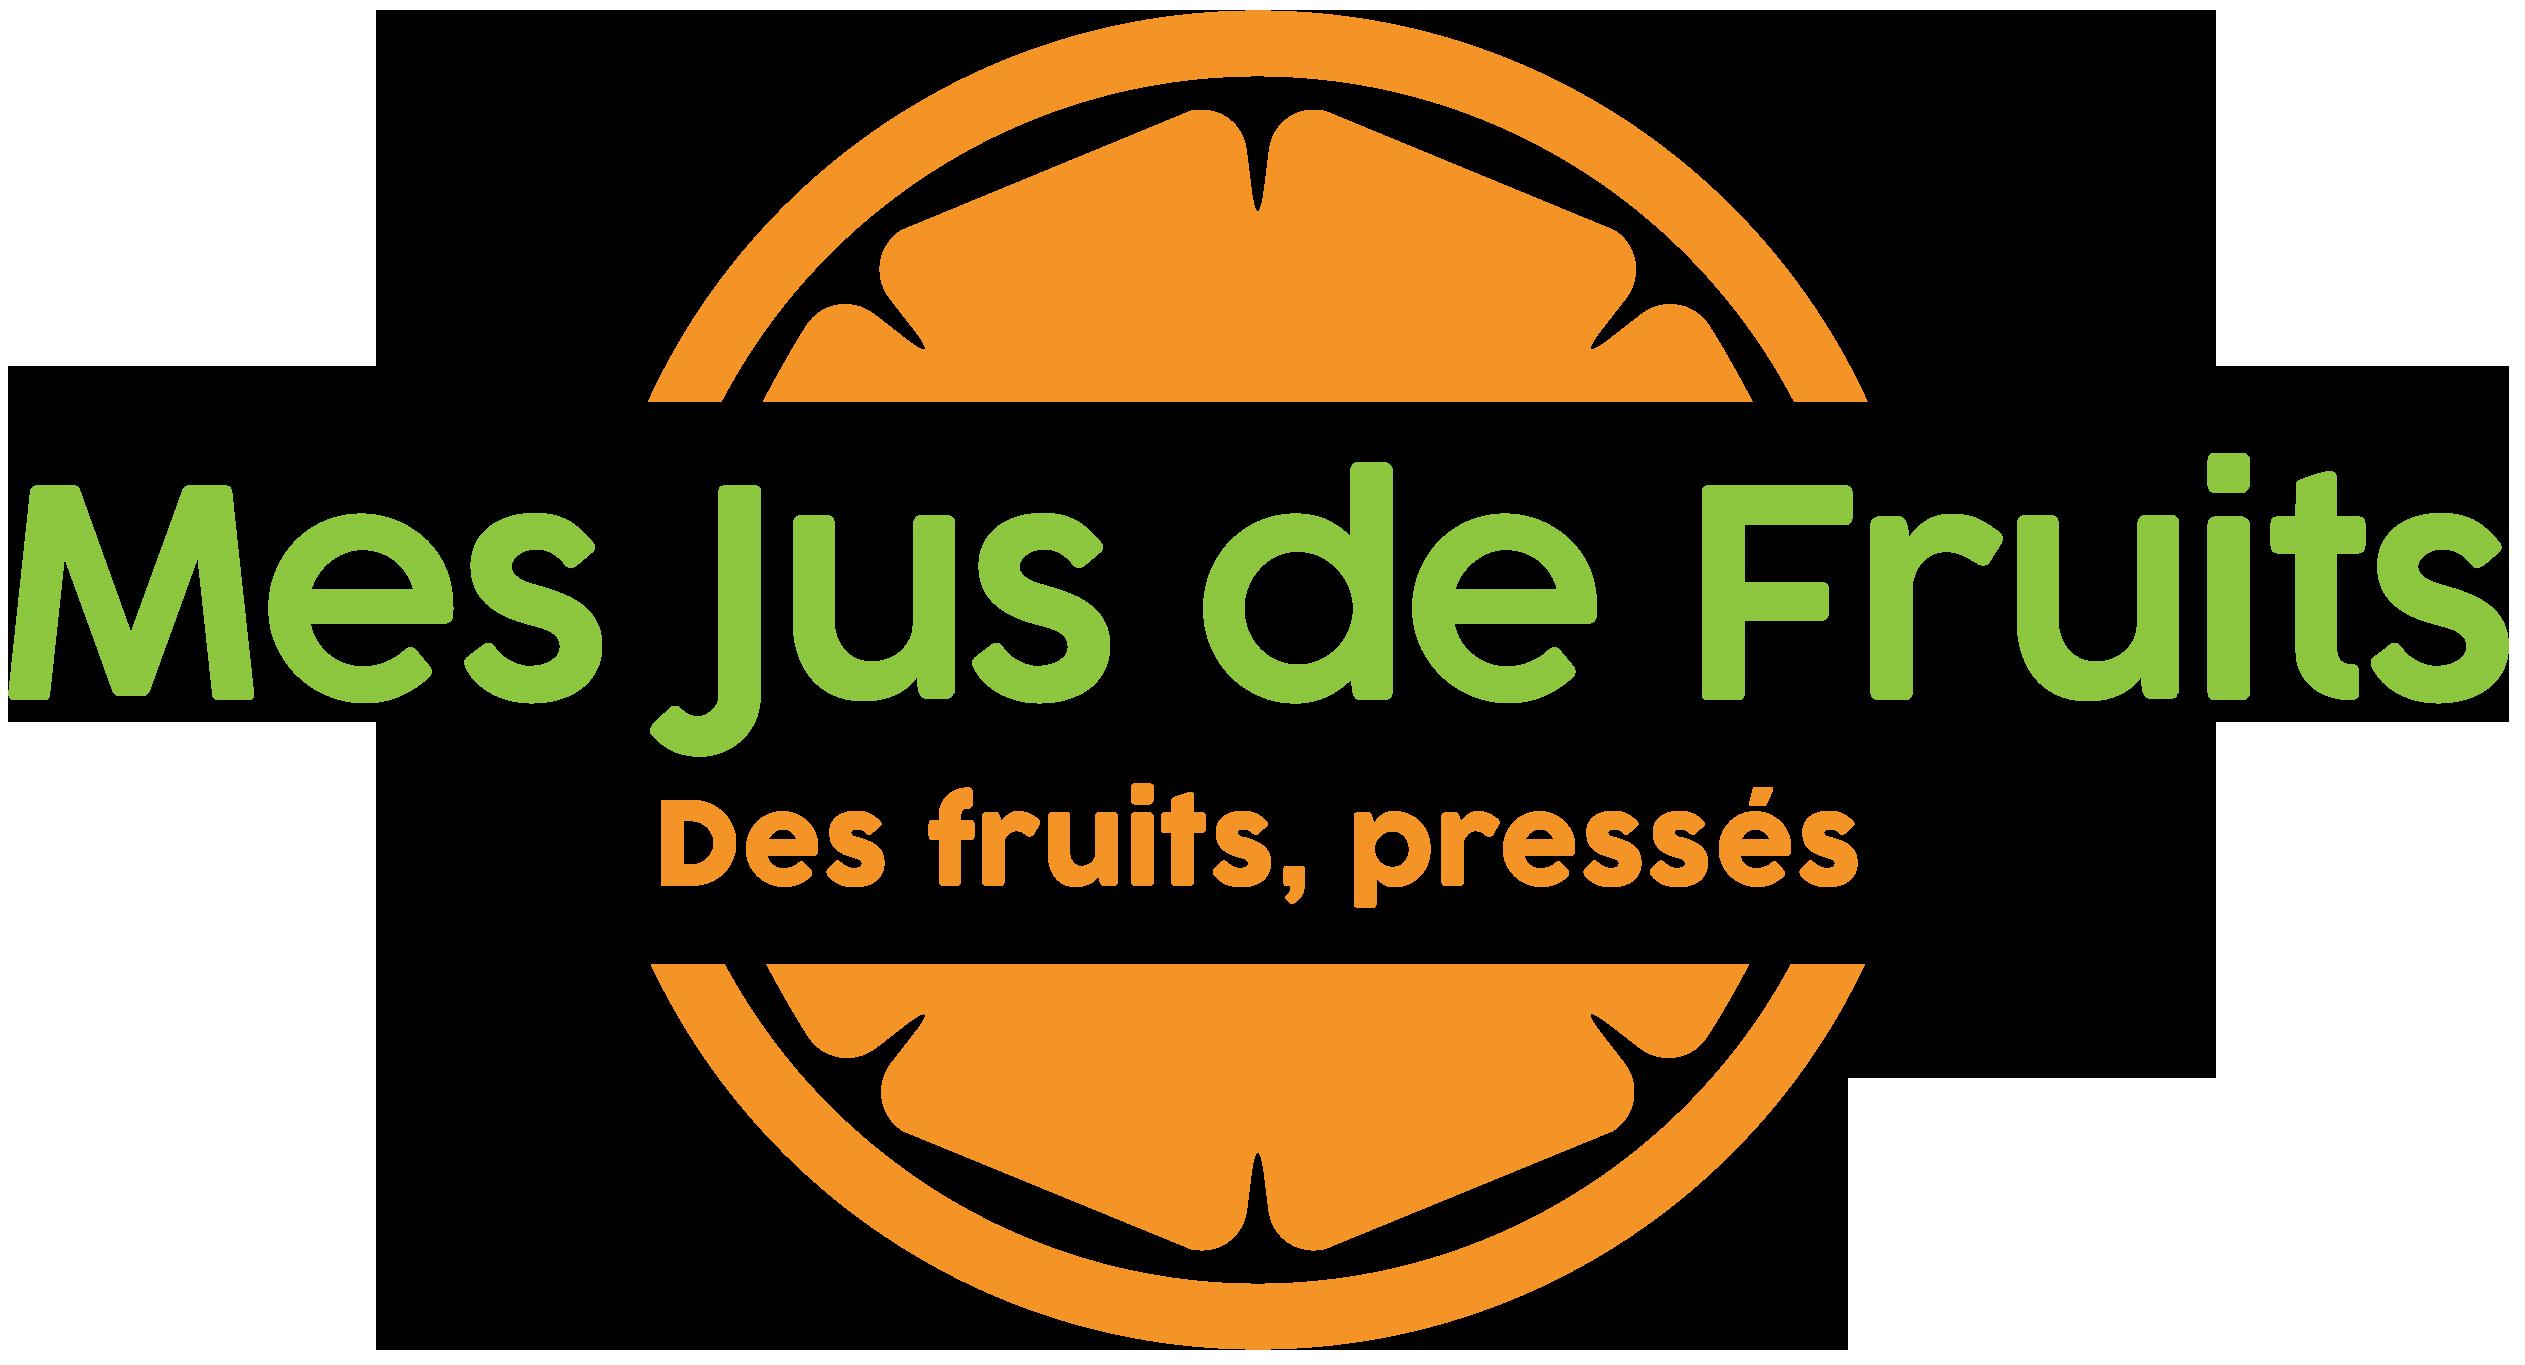 logo unijus mes jus de fruits